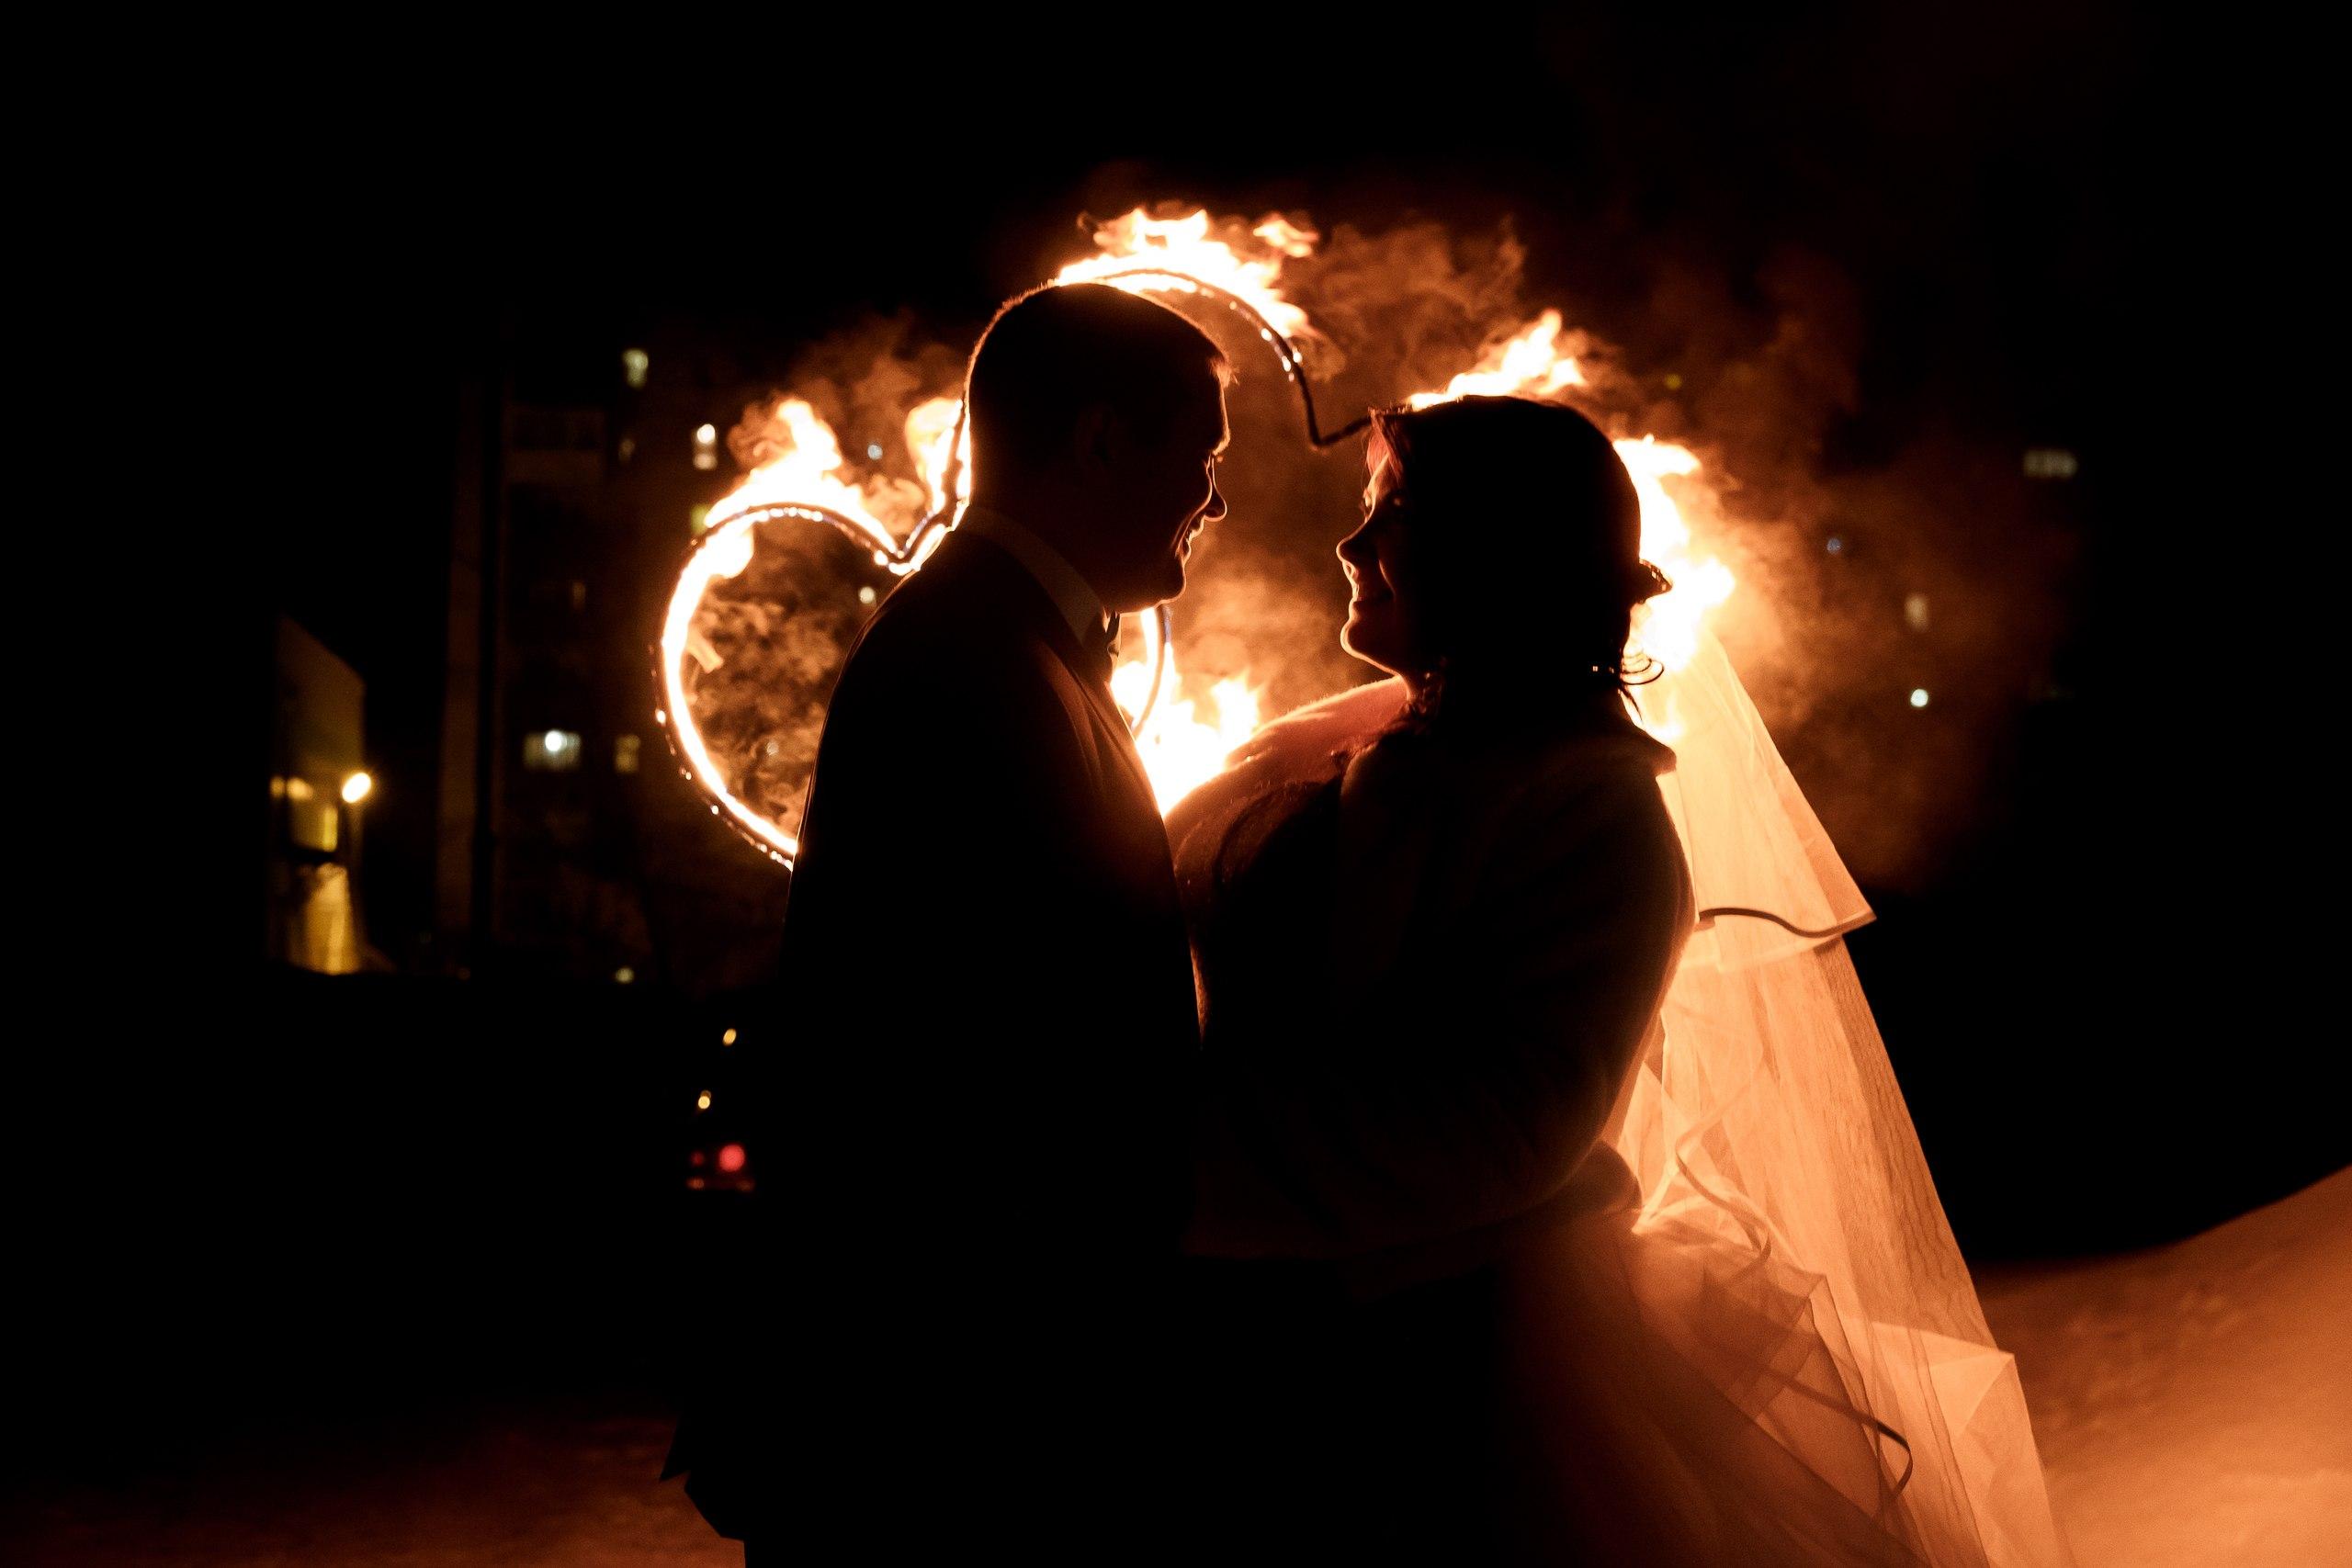 AelsGAm9AQk - Выбираем ведущего на свадьбу: советы профессионала